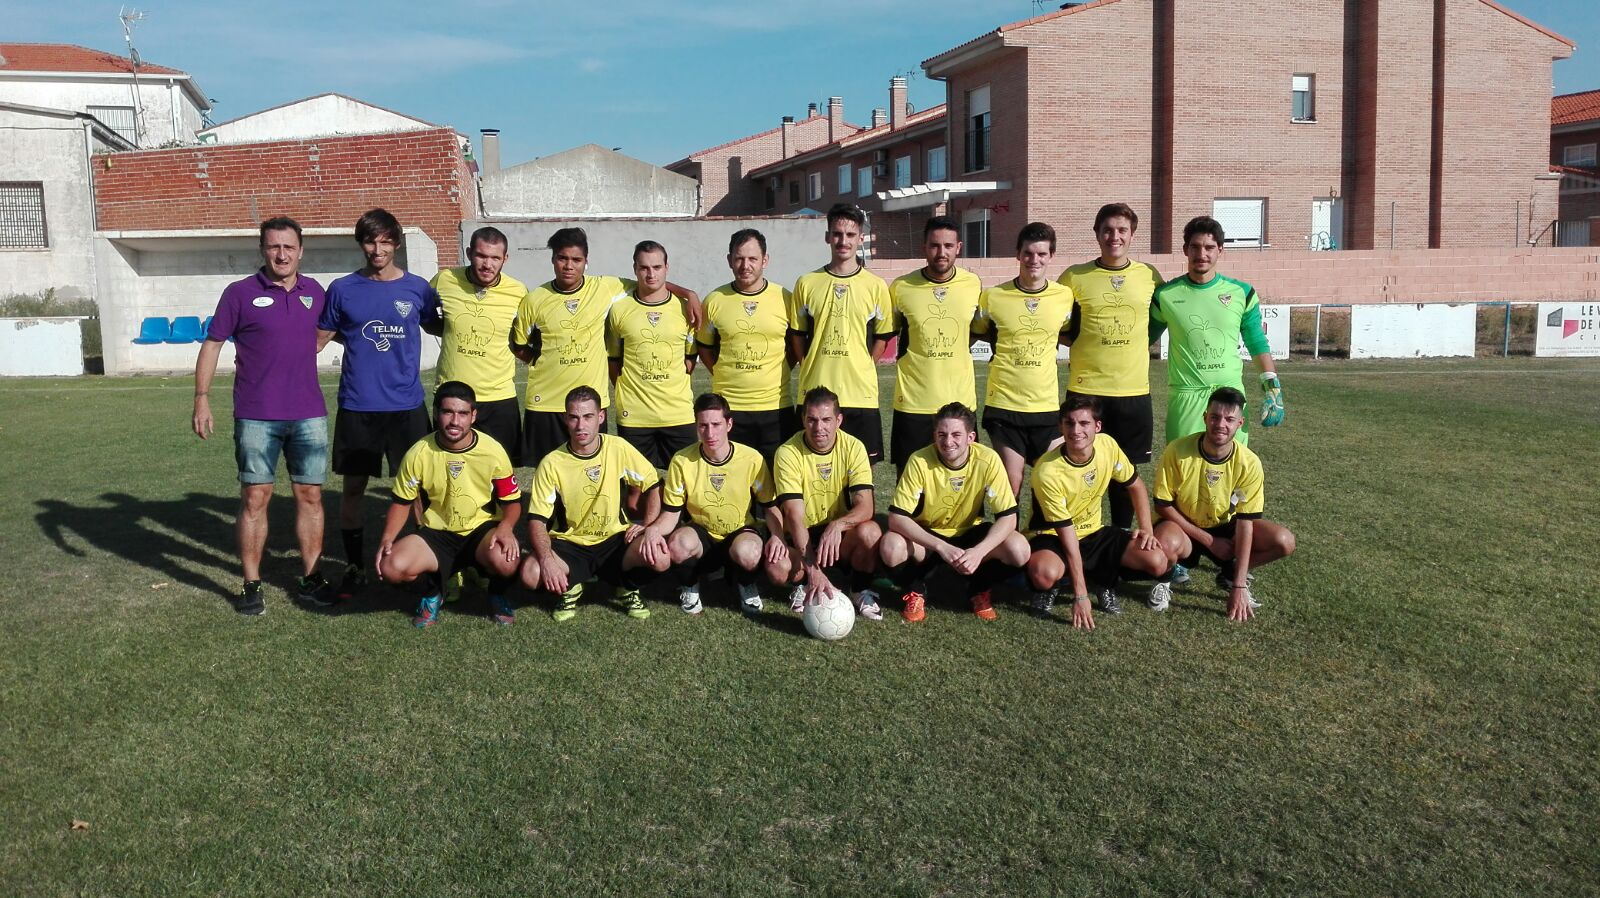 2017-09-24 equipo senior